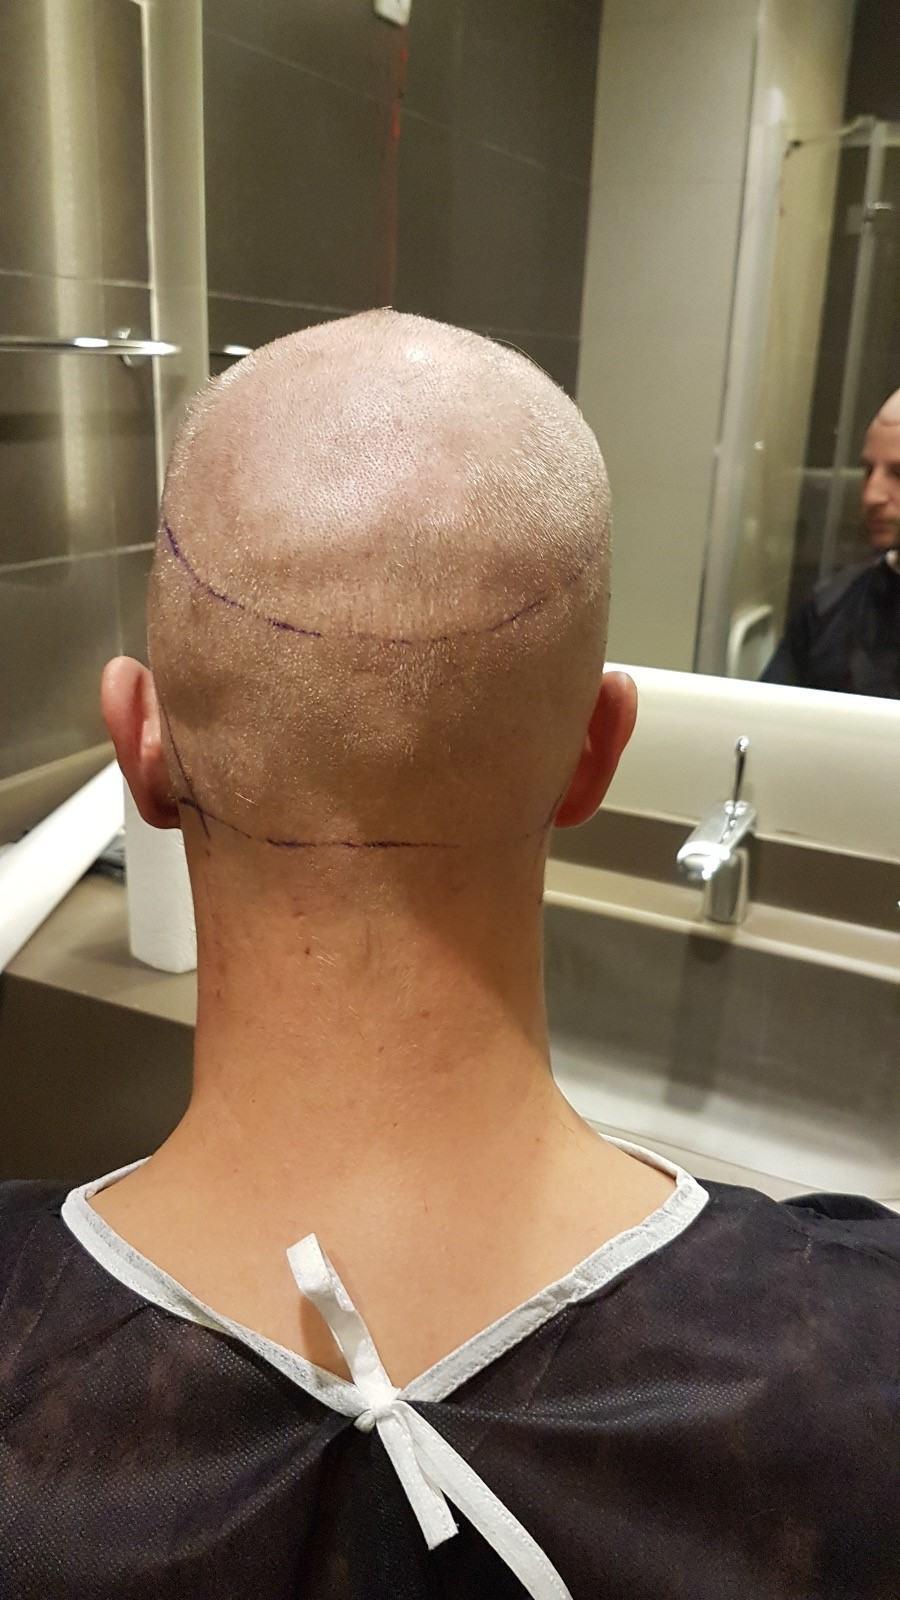 meezy-beezy-haartransplantation 3